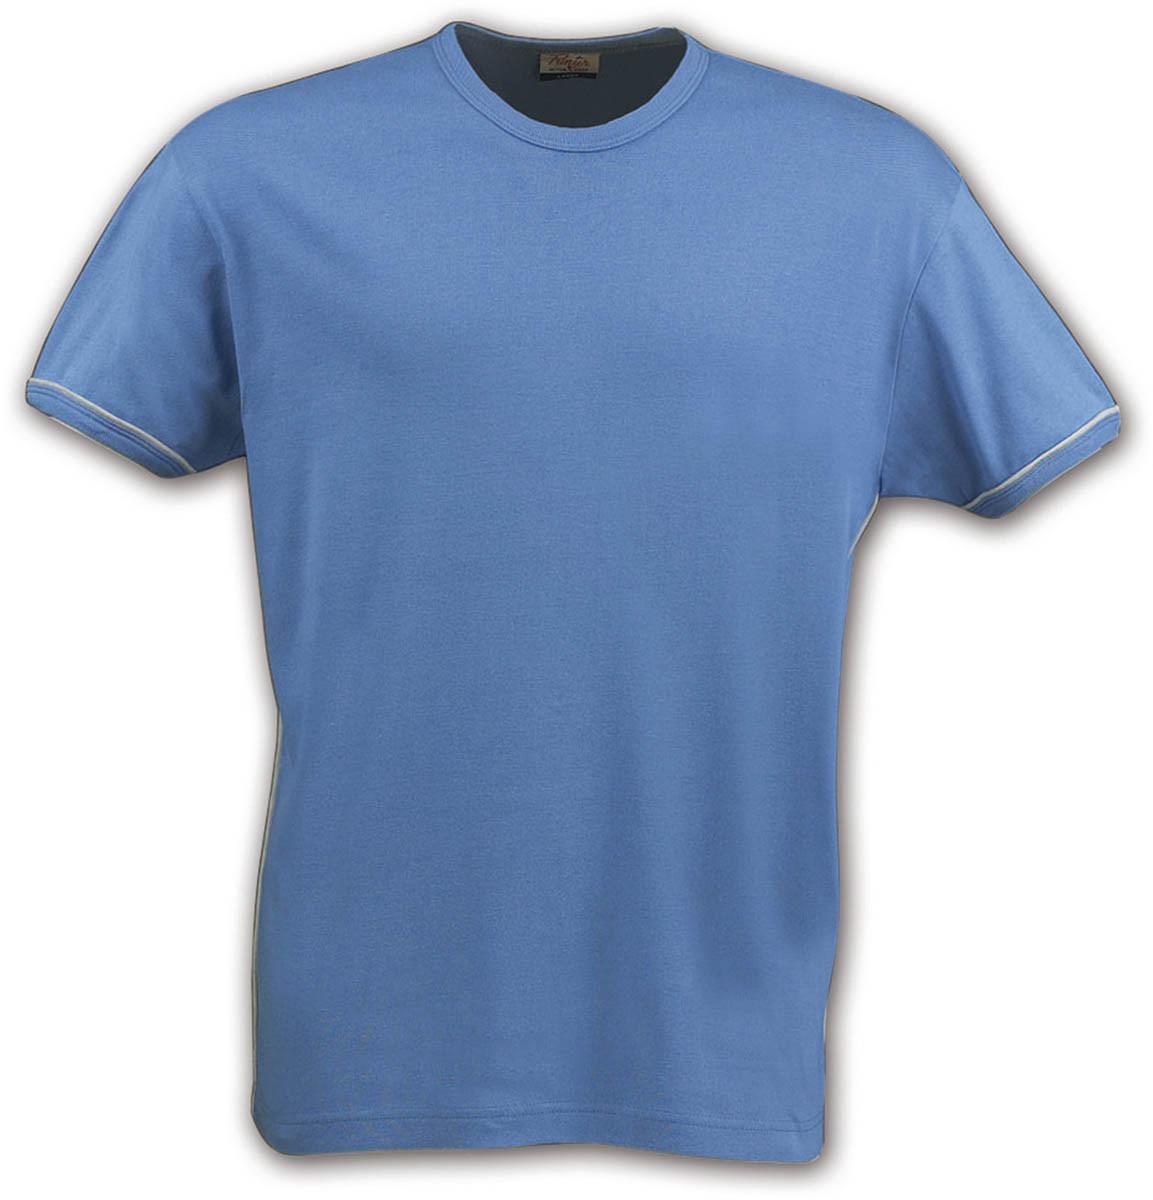 Футболка мужская Racket от ТМ Printer (цвет небесно-синий)